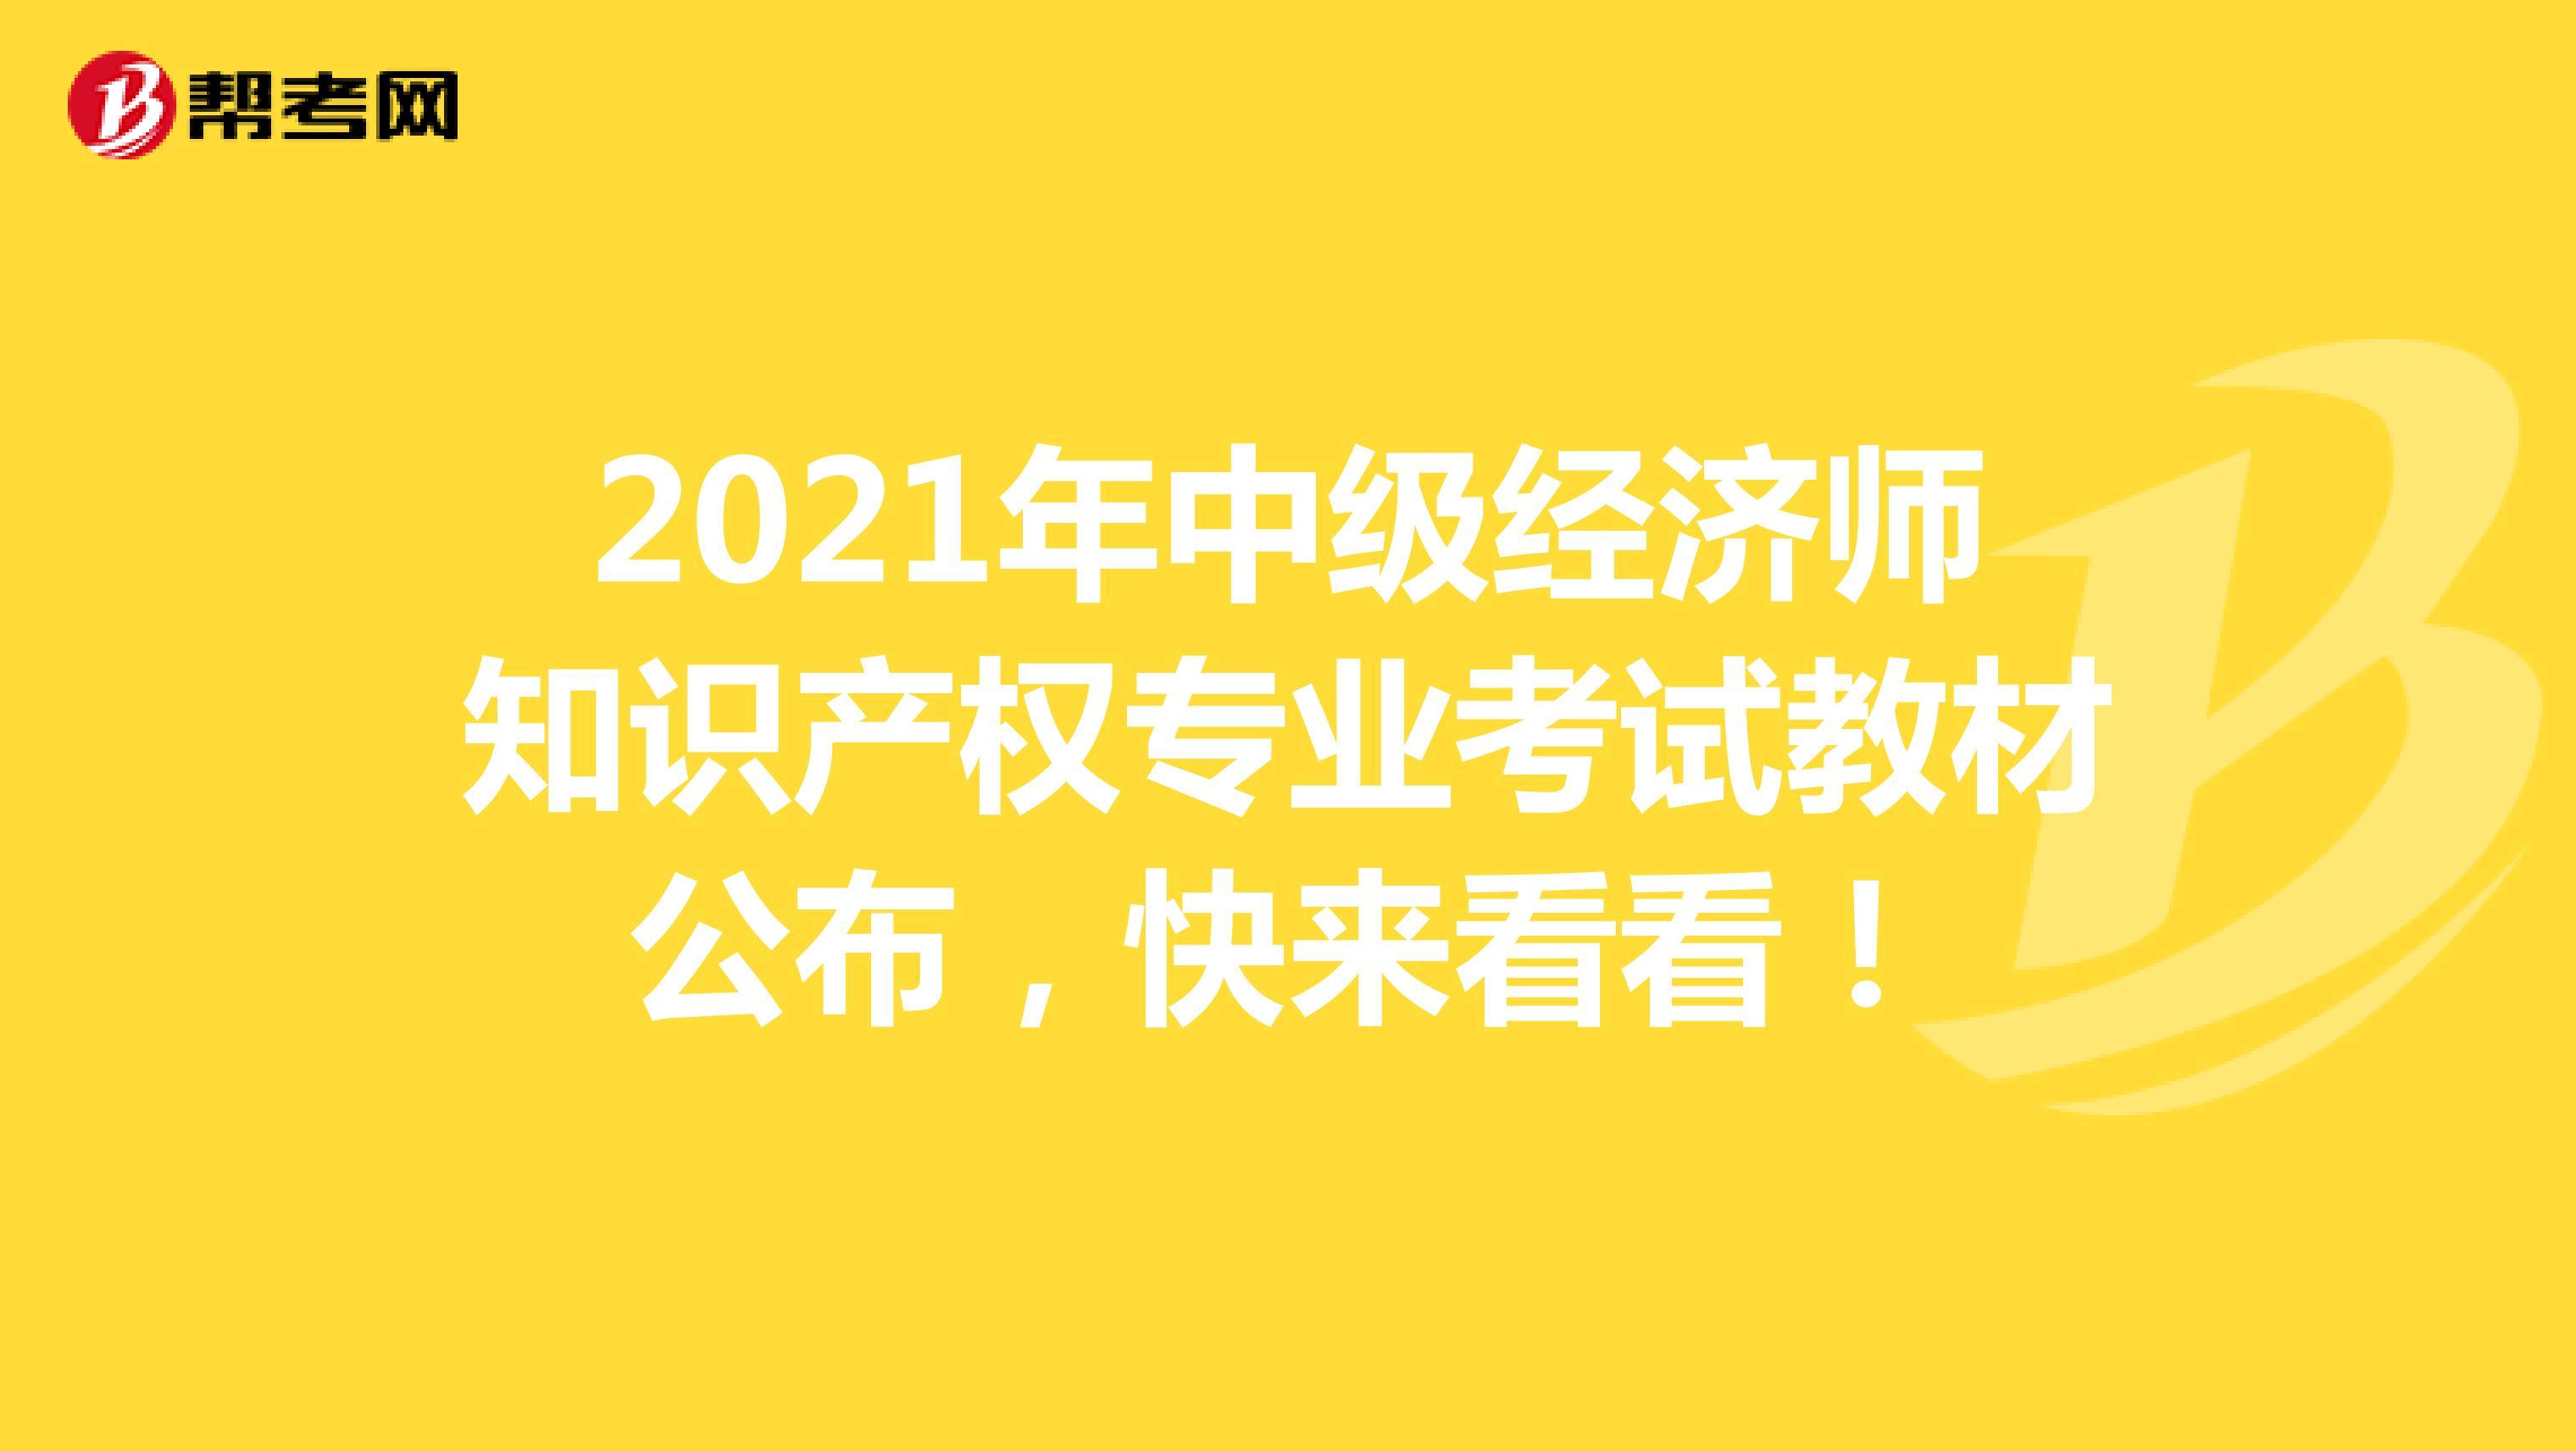 2021年中級經濟師知識產權專業考試教材公布,快來看看!